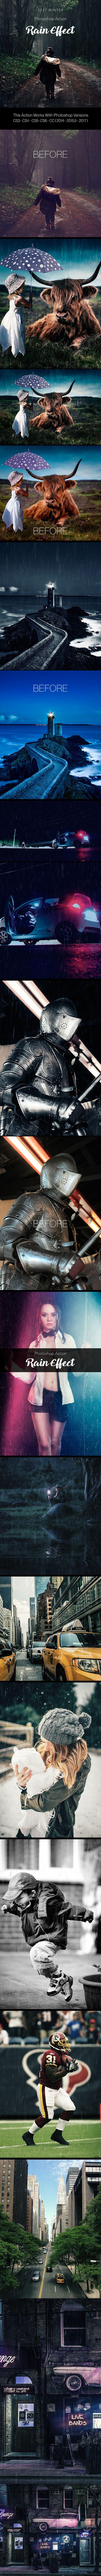 Rain Effect 2 Photoshop Action — Photoshop ATN #wet #cold • Download ➝ https://graphicriver.net/item/rain-effect-2-photoshop-action/18940925?ref=pxcr